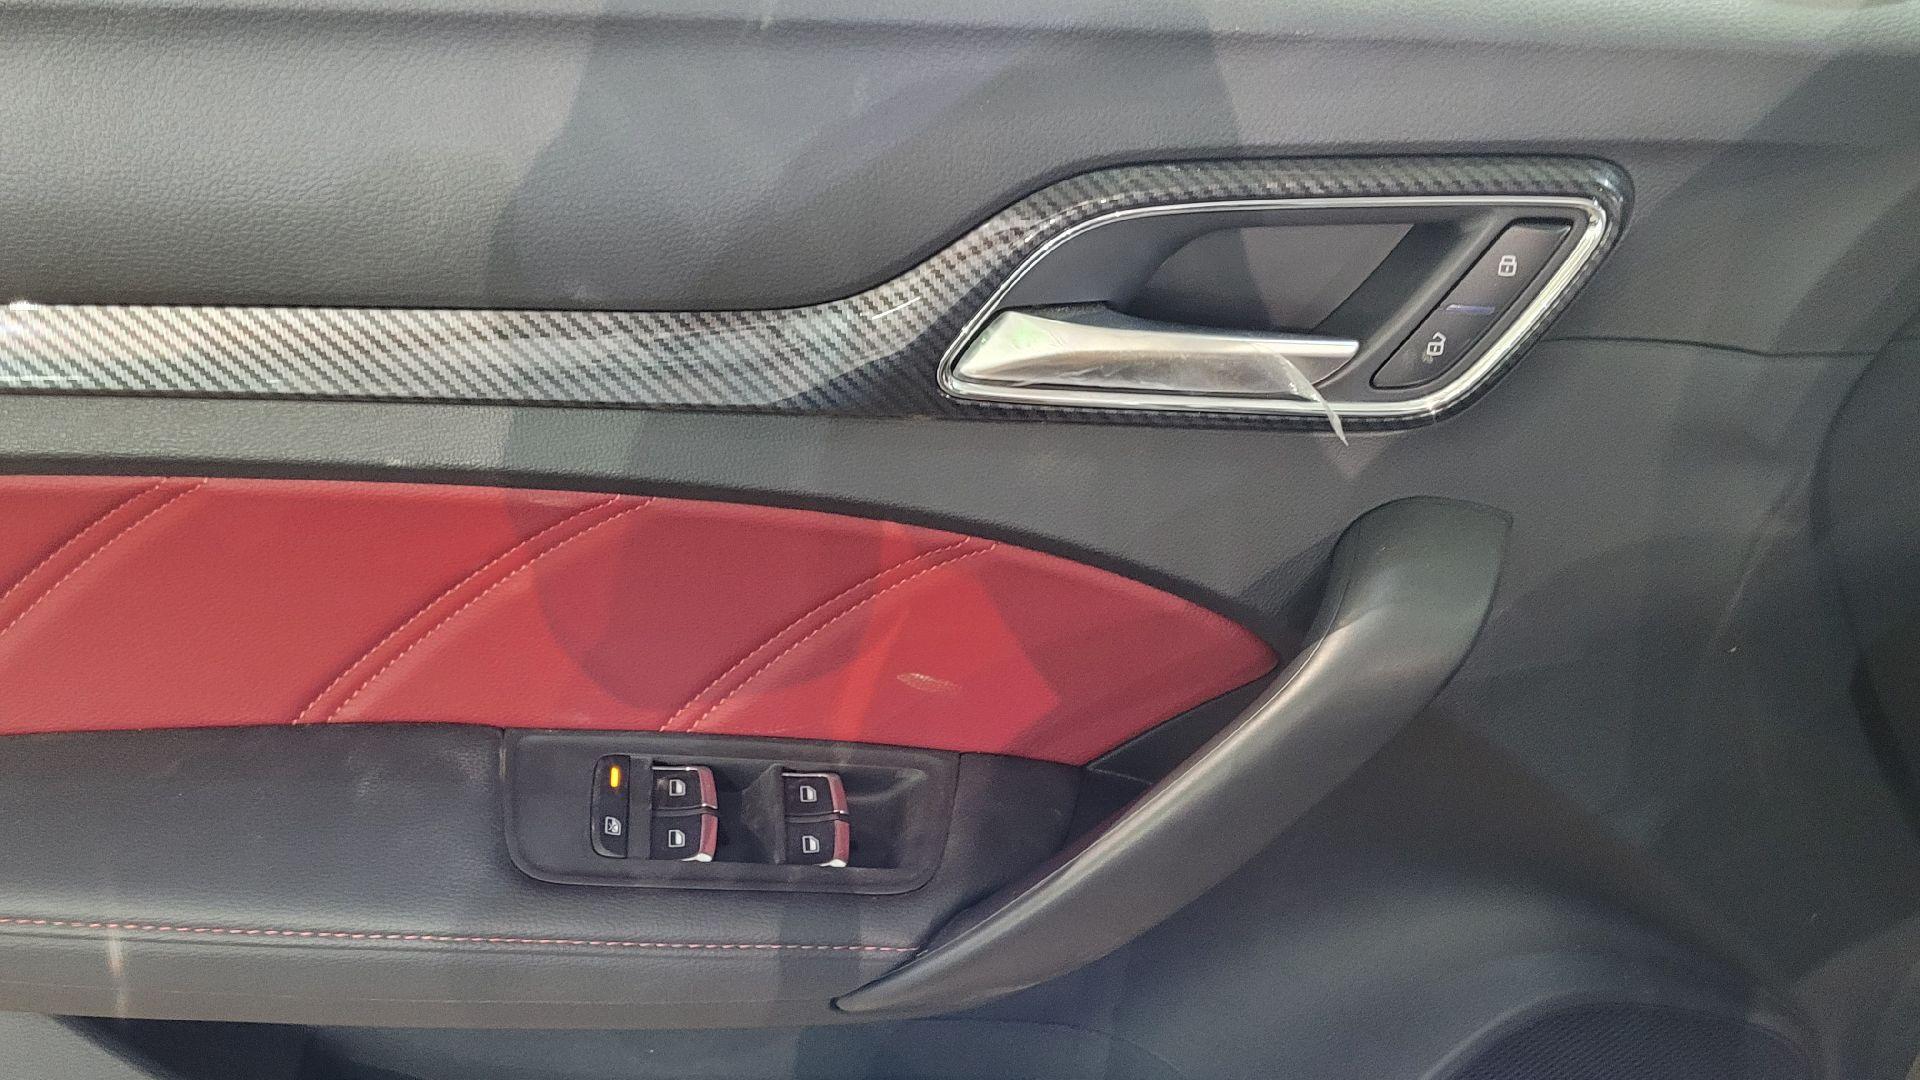 مباع - MG 6فل  LUX سعودي 2021 جديد للبيع في الرياض - السعودية - صورة كبيرة - 10